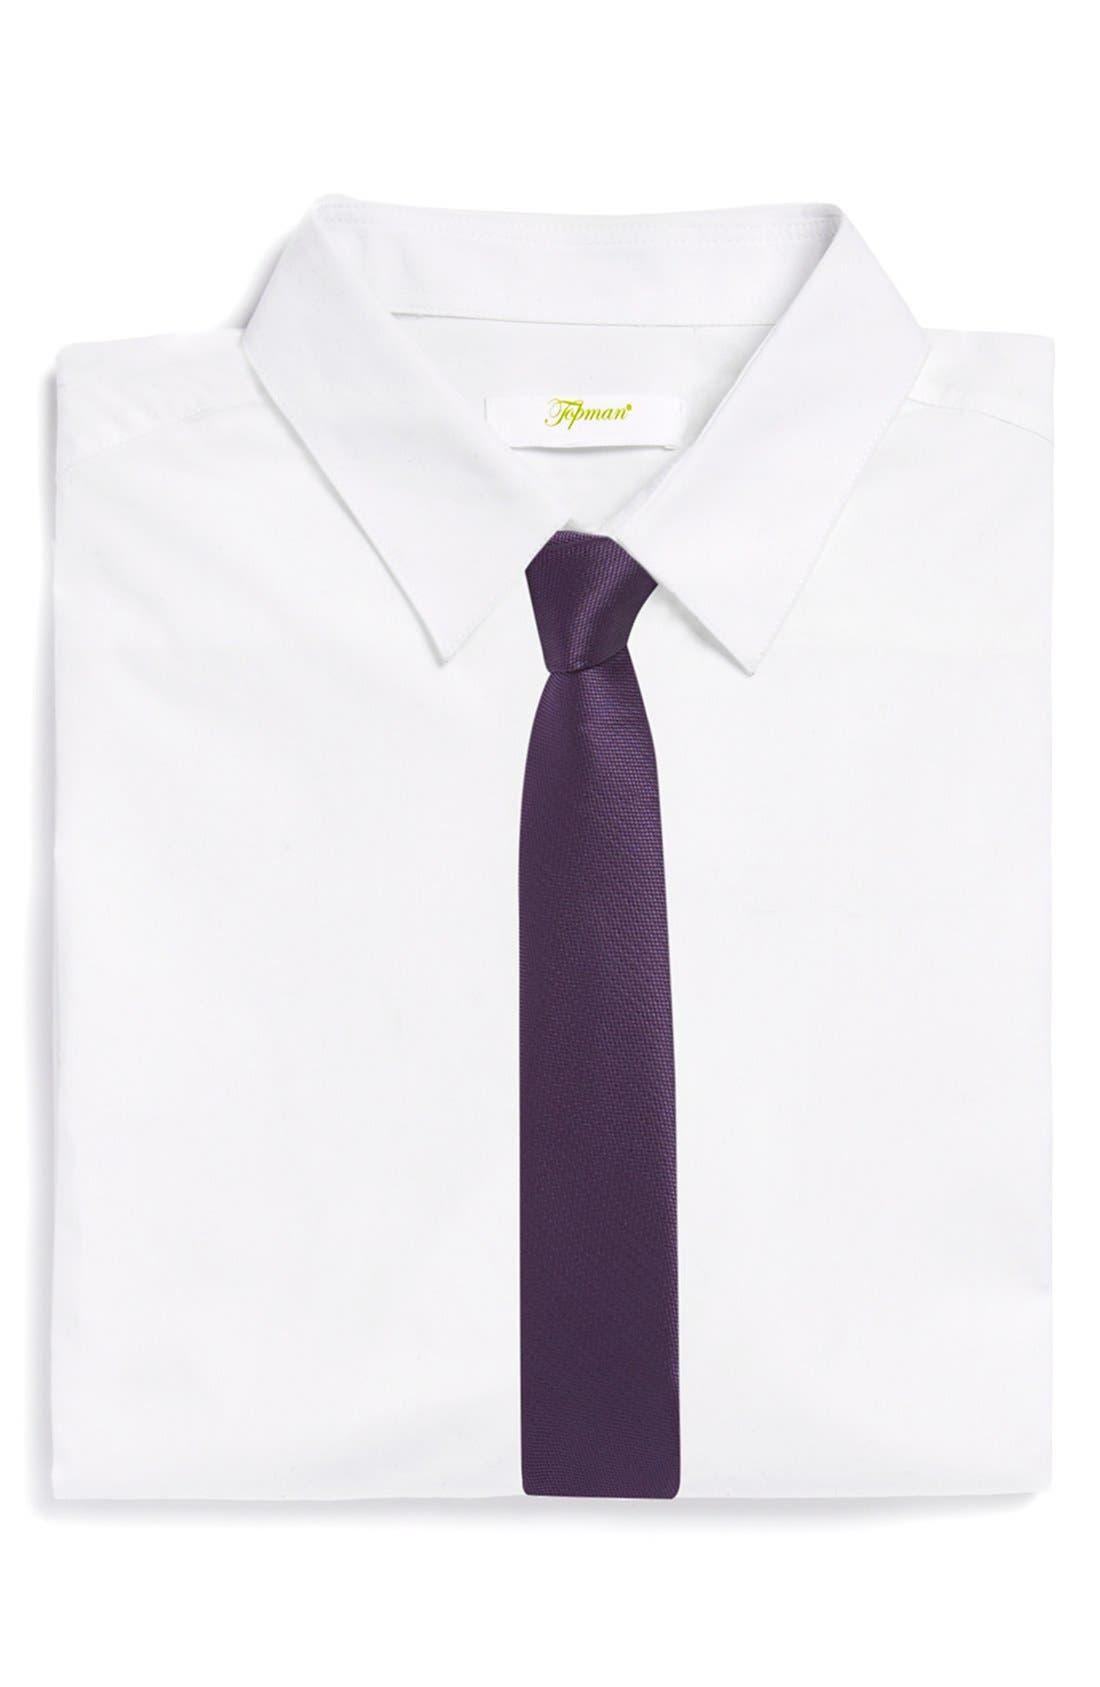 Main Image - Topman Slim Burgundy Tie